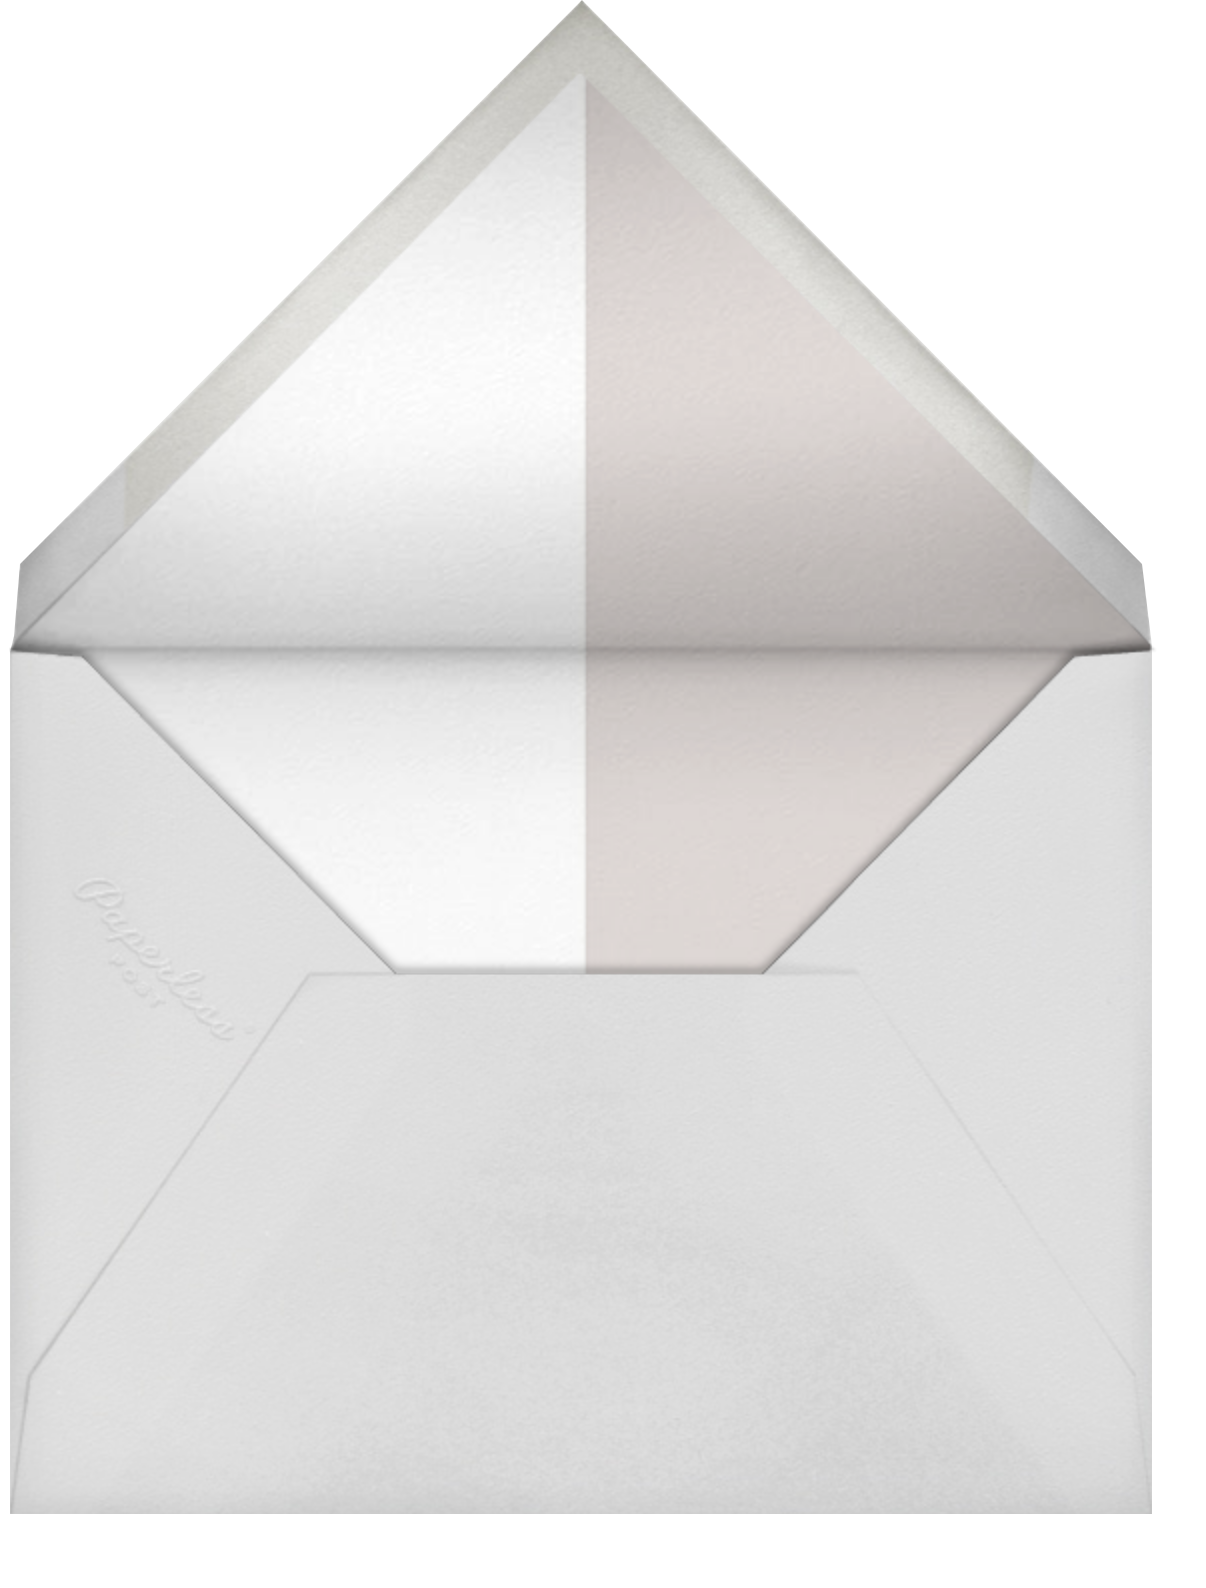 Burgoyne (Invitation) - Oyster/Silver - Paperless Post - All - envelope back